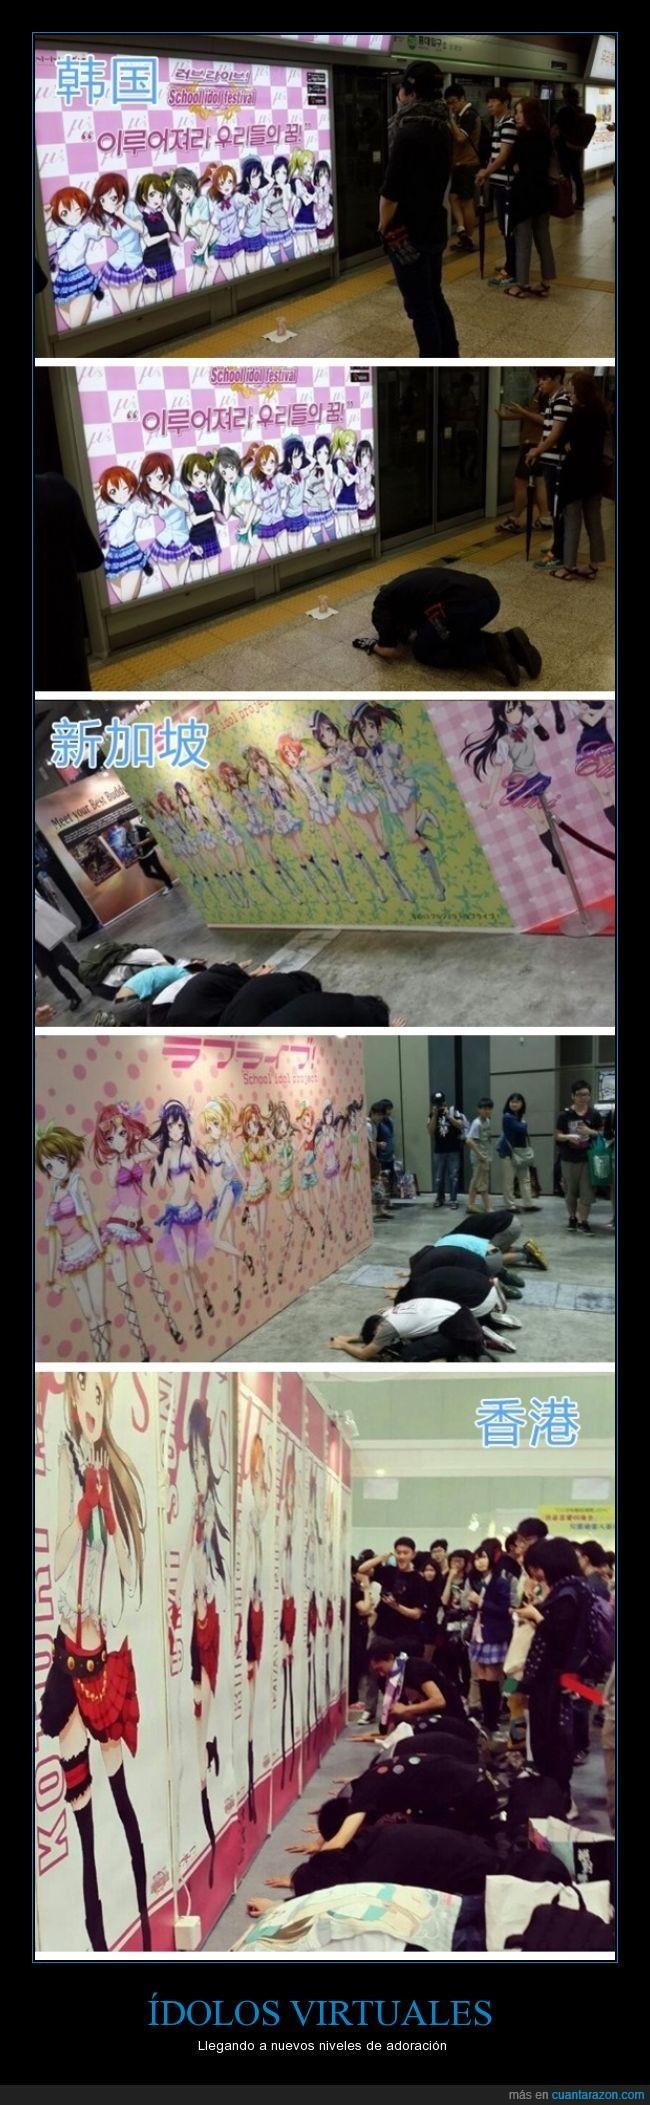 adorar,anime,corea,coreanos,creer,idolos,japon,japoneses,rezar,virtual